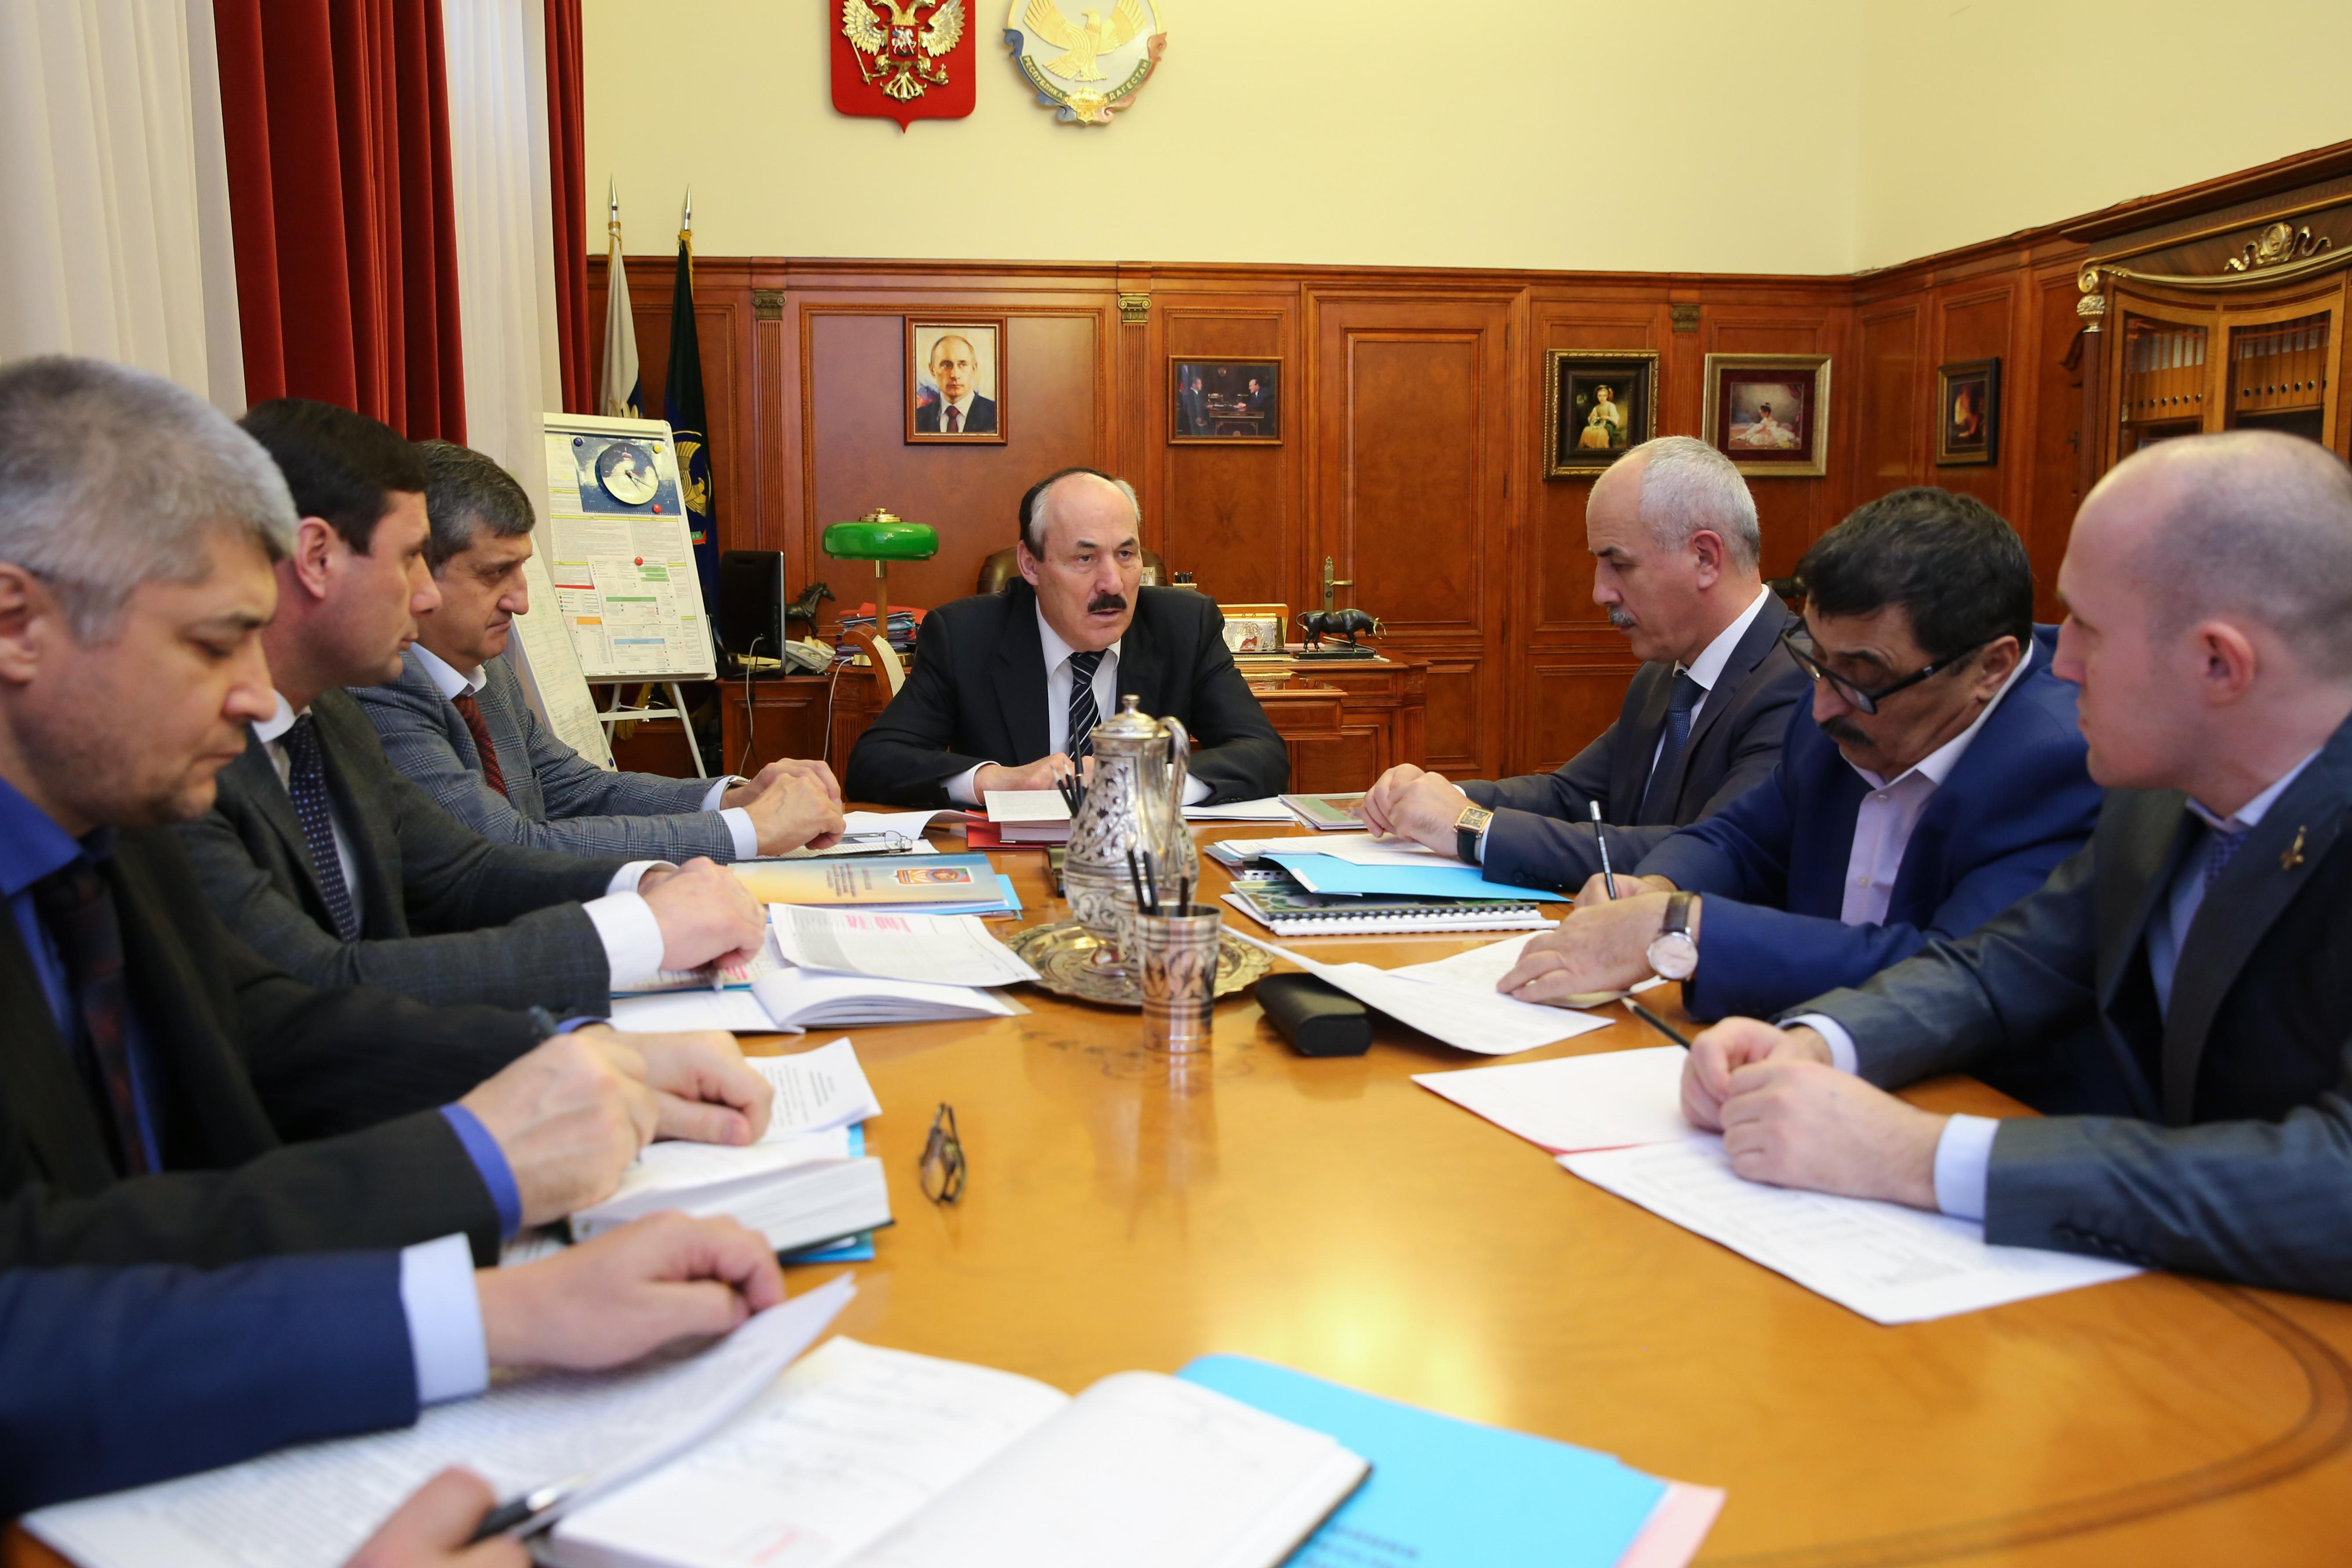 Рамазан Абдулатипов провел встречу с главой Каякентского района Дагестана